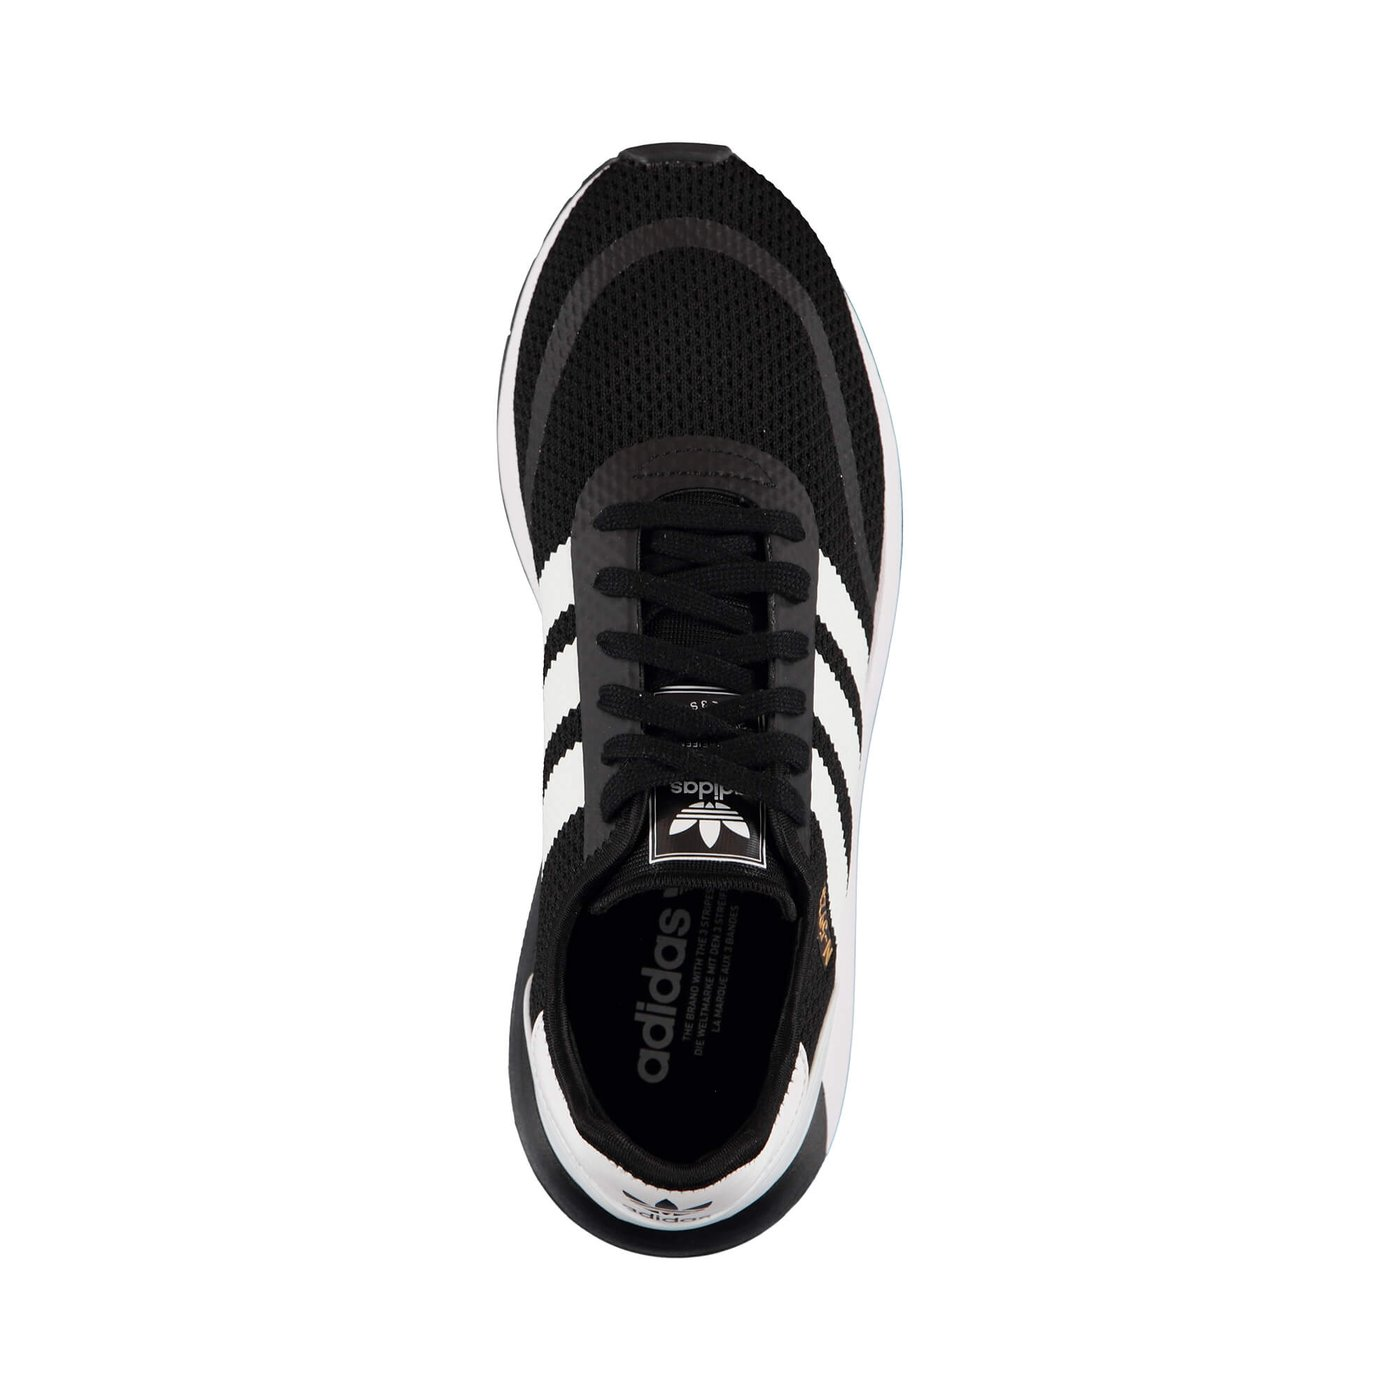 adidas Kadın Siyah Spor Ayakkabı